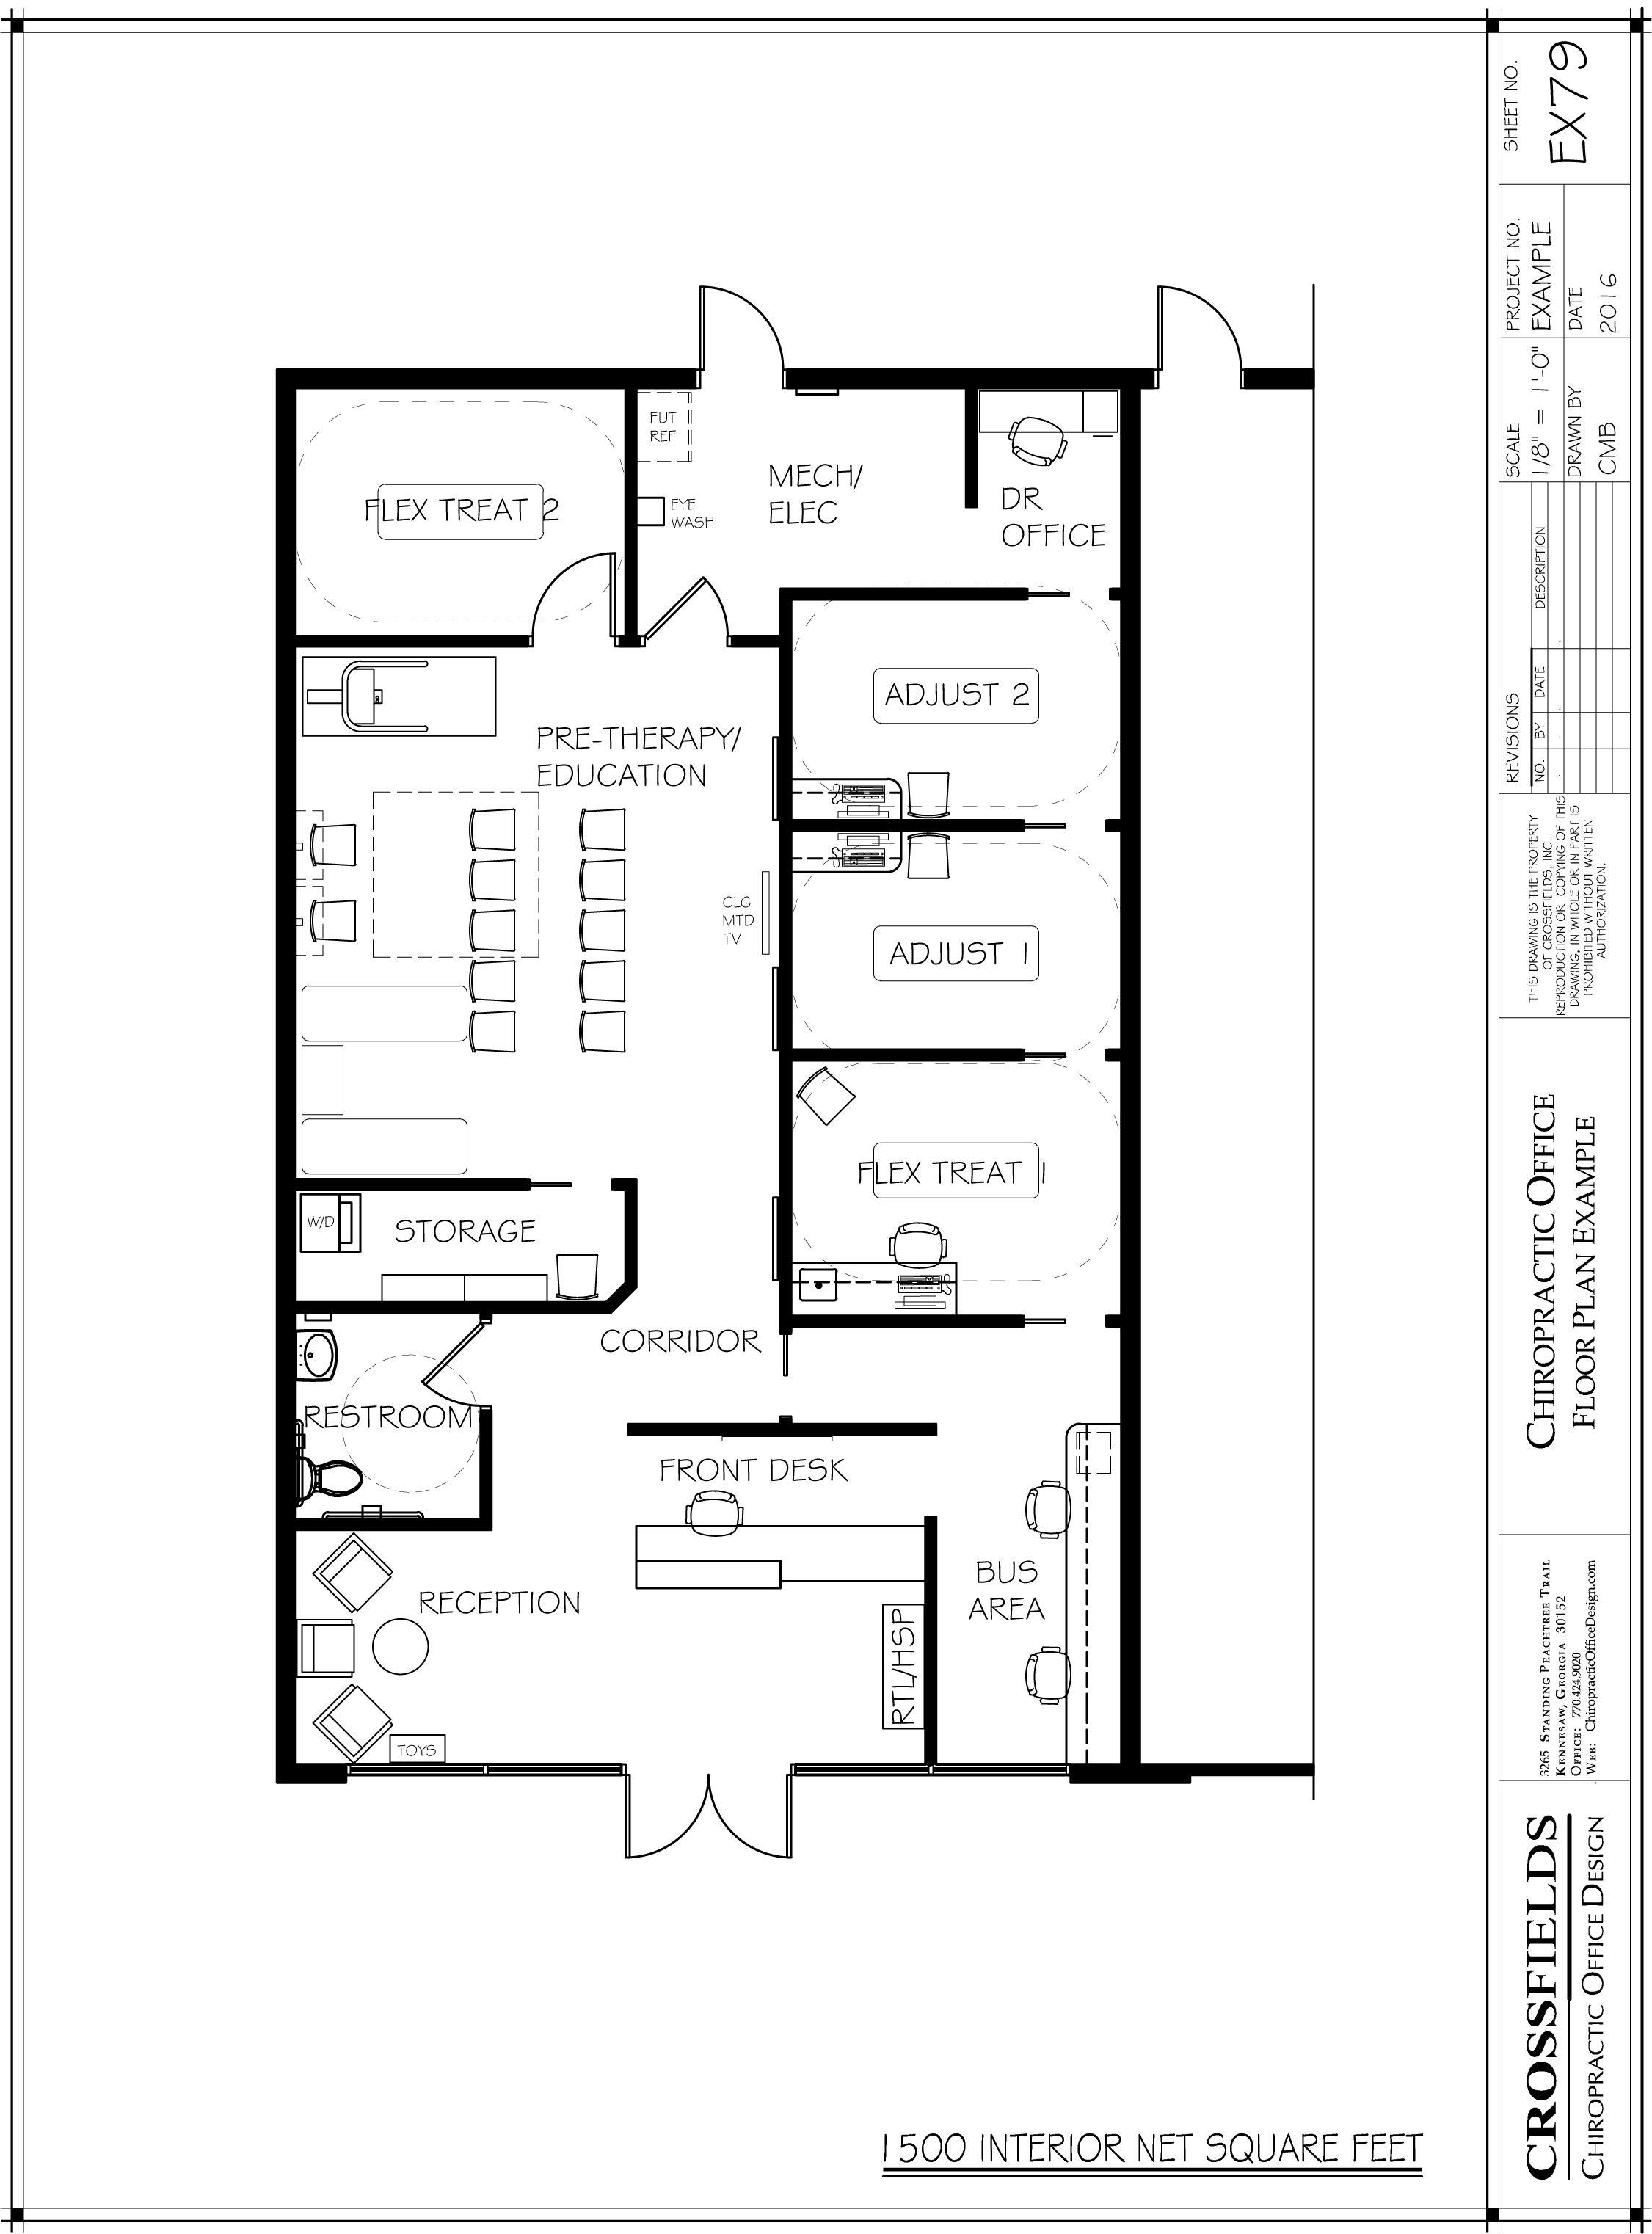 Chiropractic Office Floor Plans Versatile Medical Office Layouts Office Floor Plan Floor Plans Cafe Shop Design